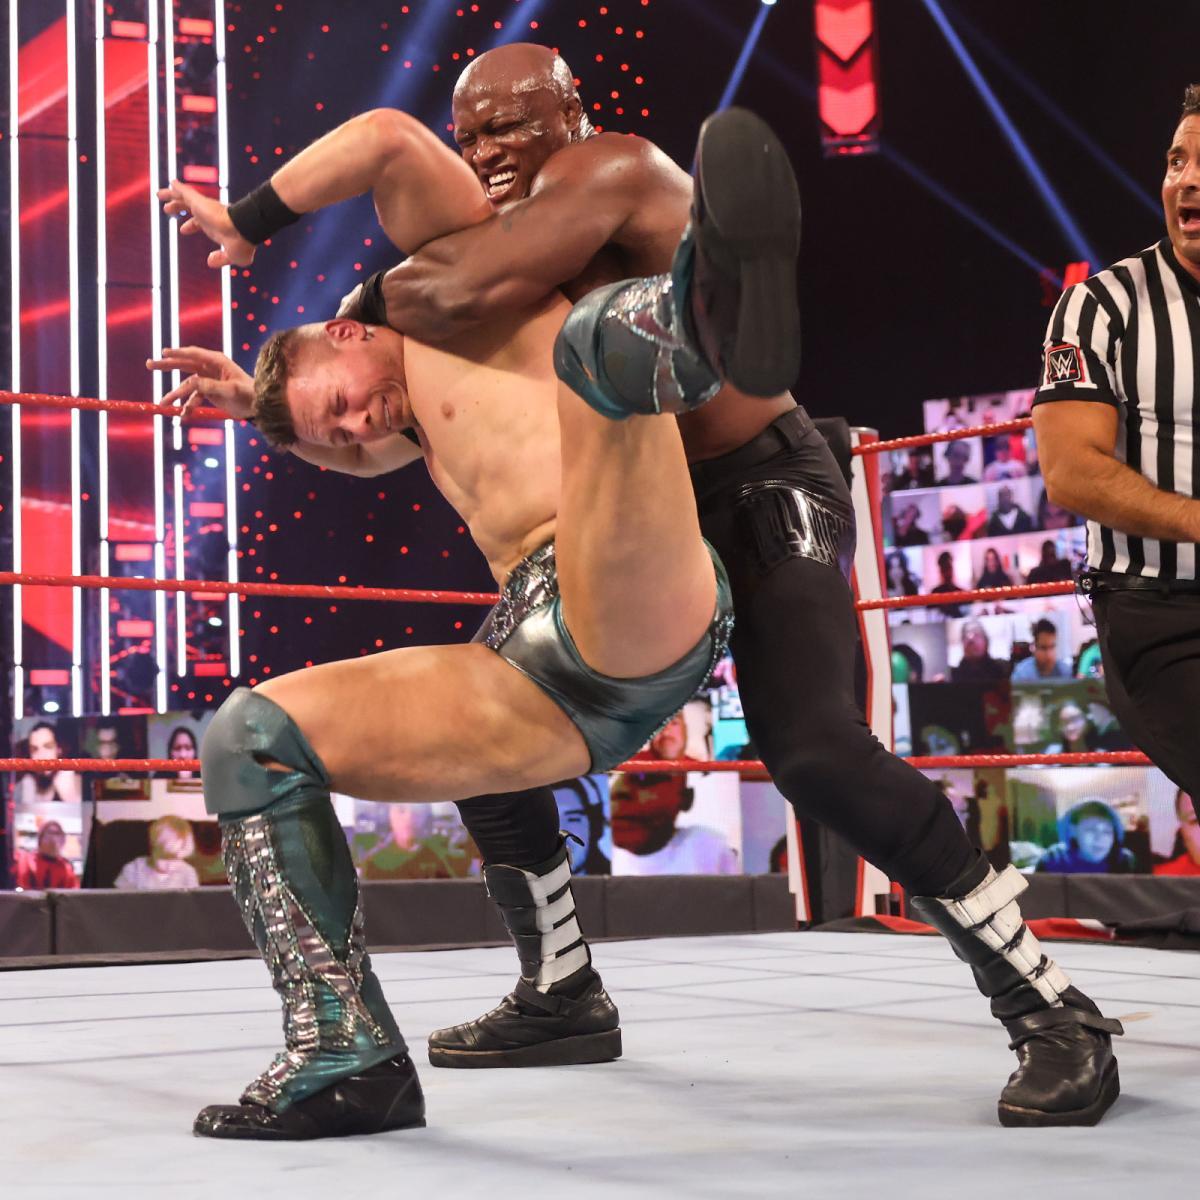 前王者ミズ(左)をハートロックで絞めるWWEヘビー級王者ラシュリー(C)2021 WWE, Inc. All Rights Reserved.